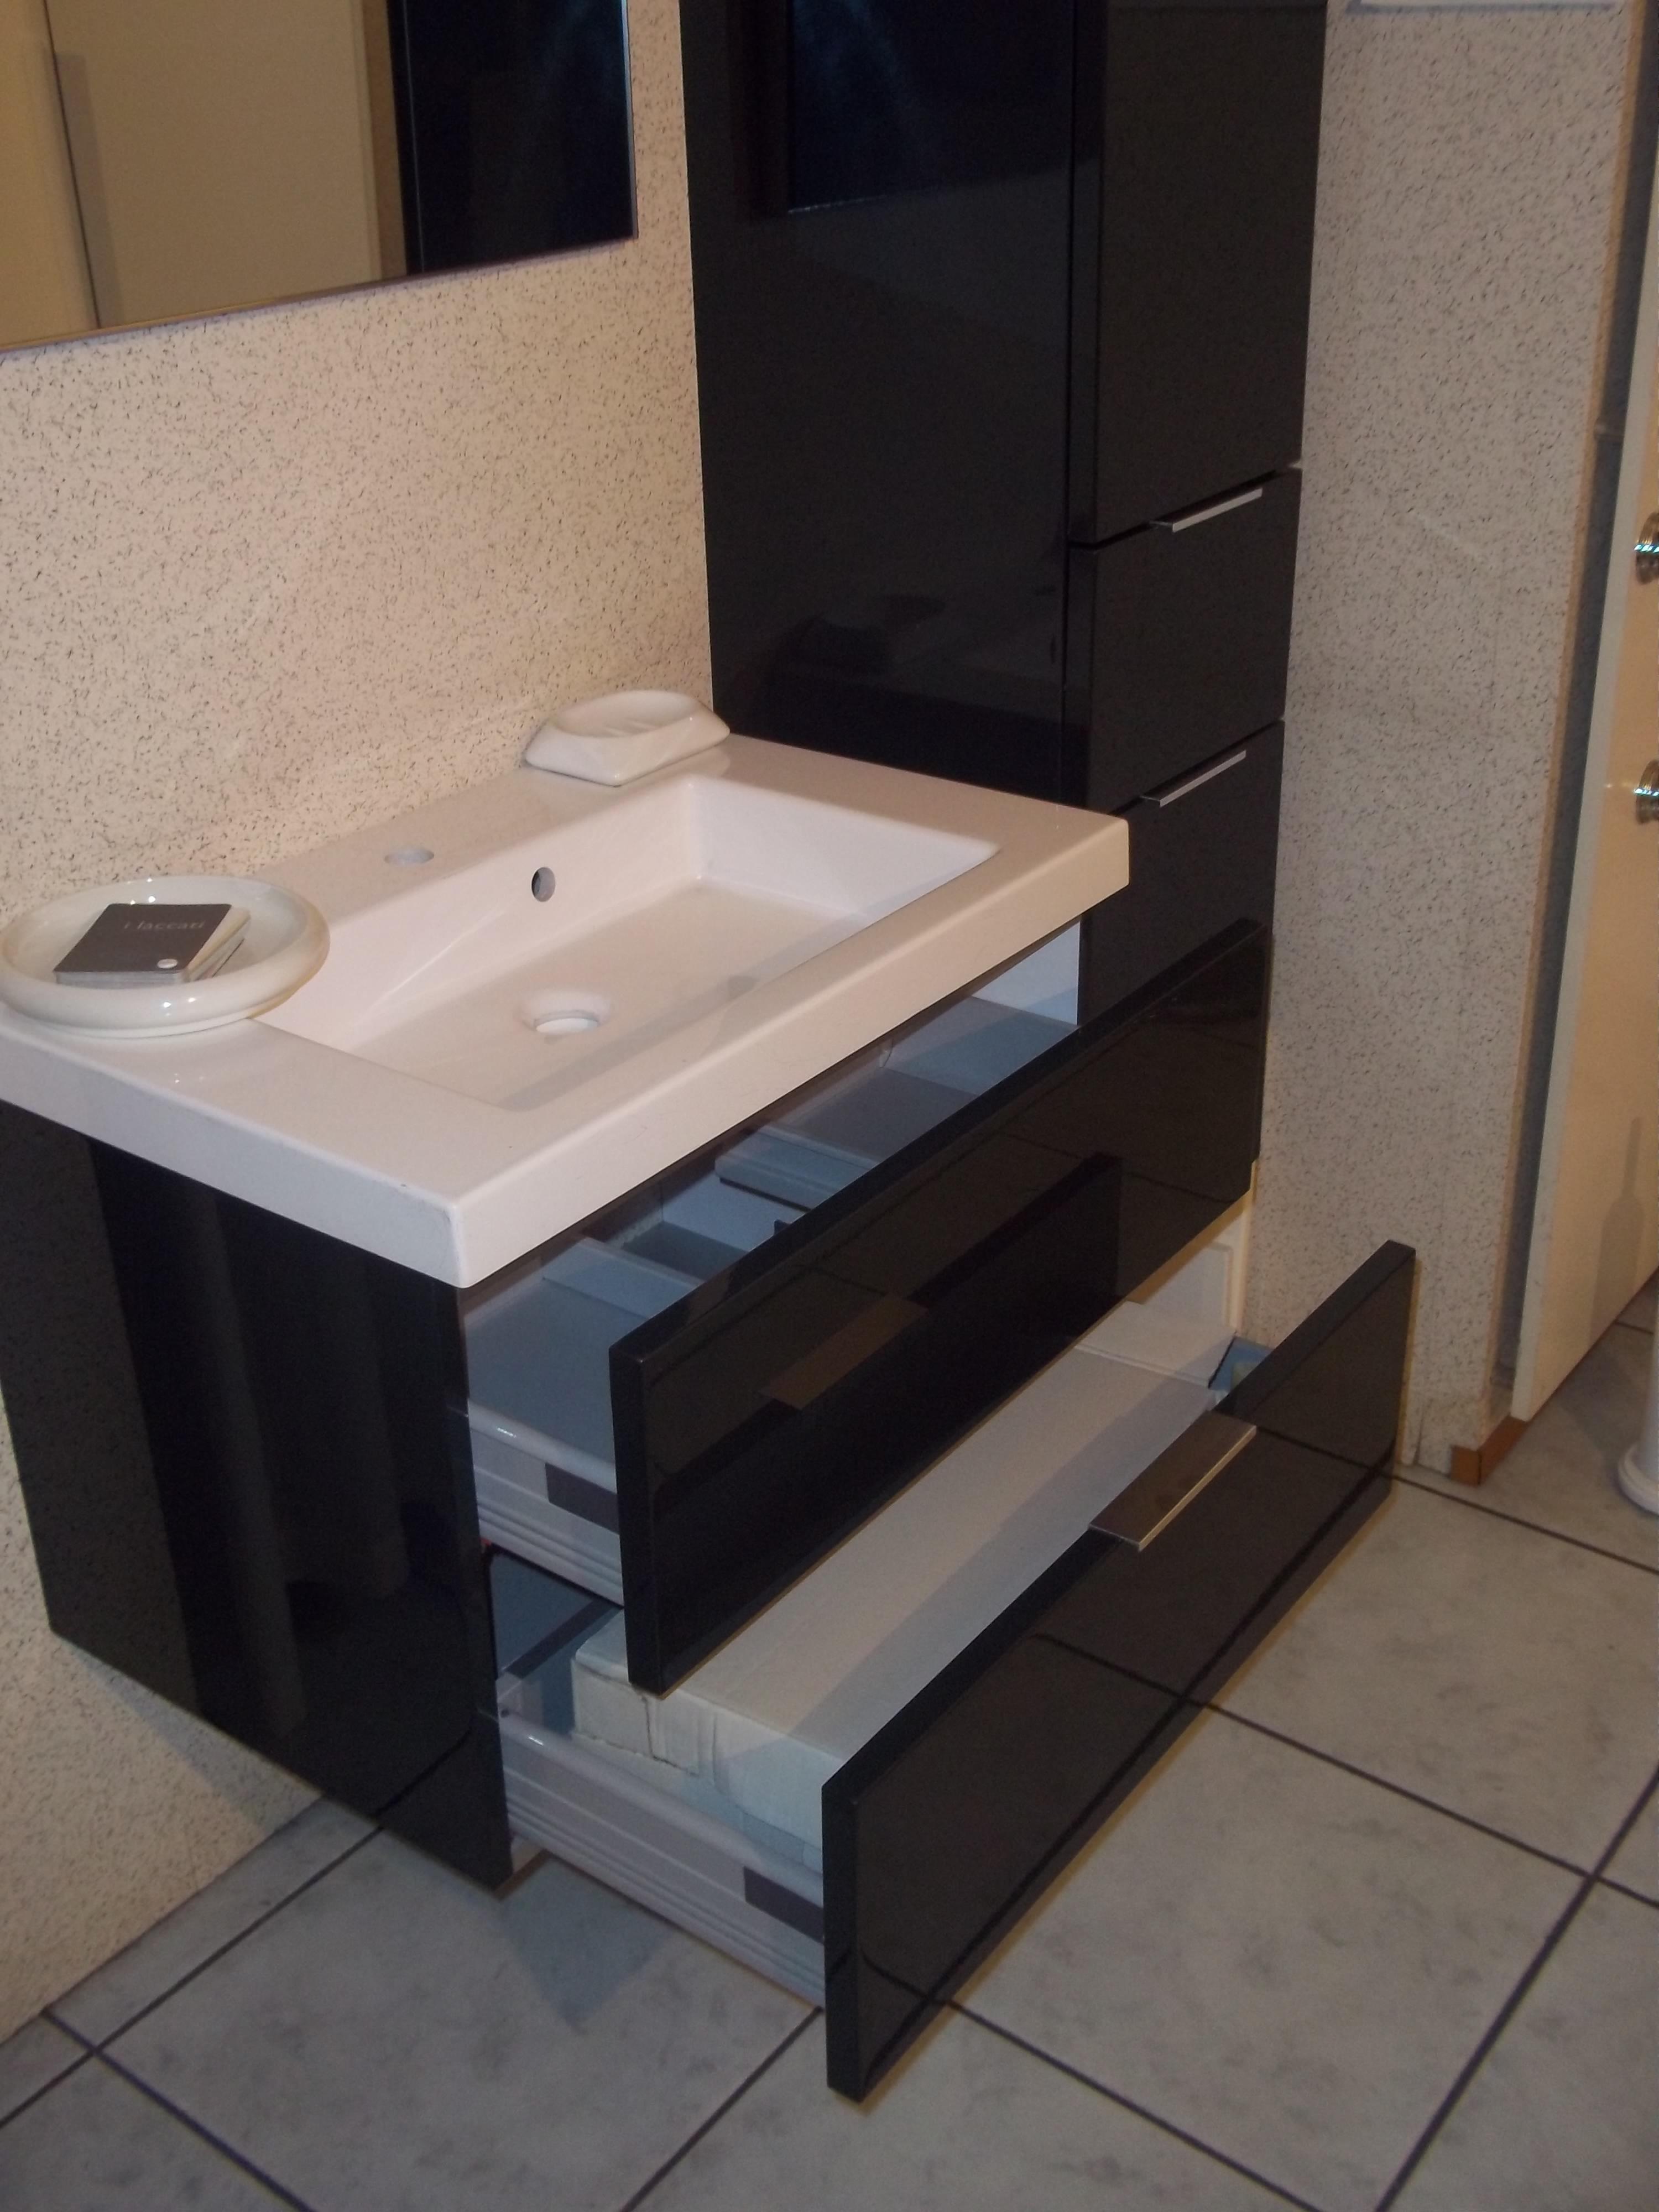 awesome mobili bagno roma offerte photos - ameripest.us - ameripest.us - Arredo Bagno Offerte Roma